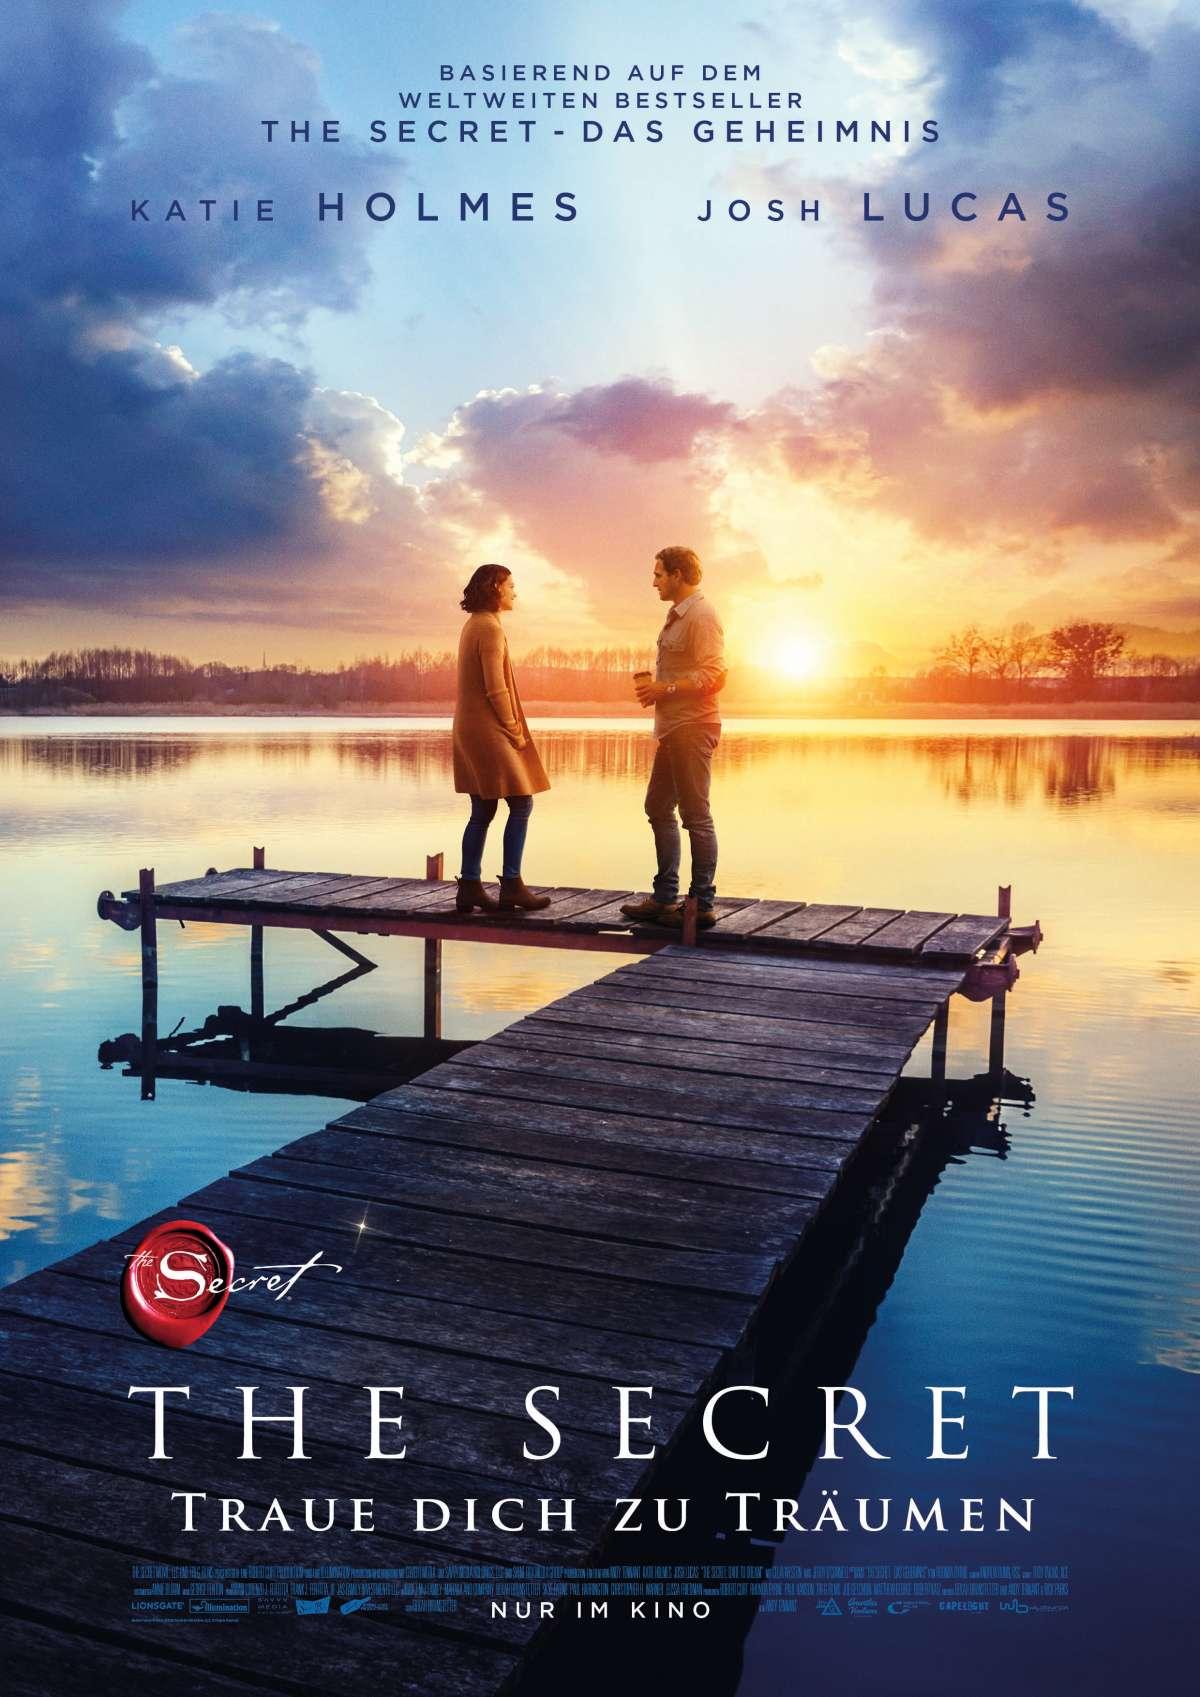 The Secret - Traue Dich zu träumen - Cineplex  - Baunatal